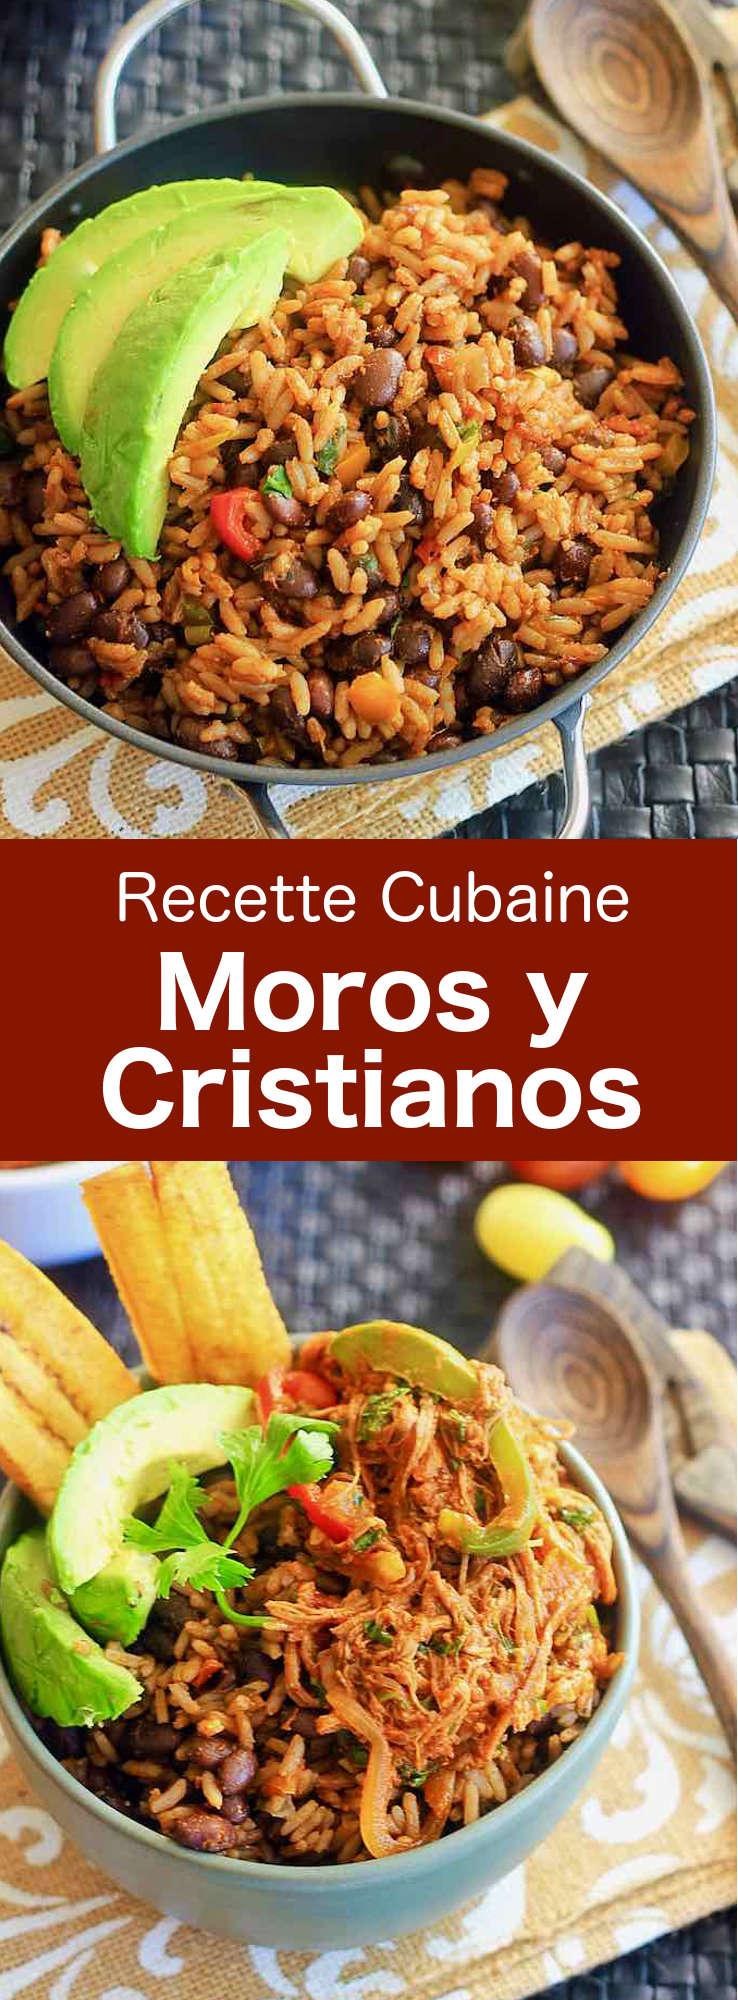 Le Moros y Cristianos (Maures et Chrétiens) est la version cubaine du riz et des haricots (rice and beans), un plat populaire dans les Caraïbes. #Cuba #CuisineCubaine #RecetteCubaine #RecetteDesCaraibes #WorldCuisine #196flavors